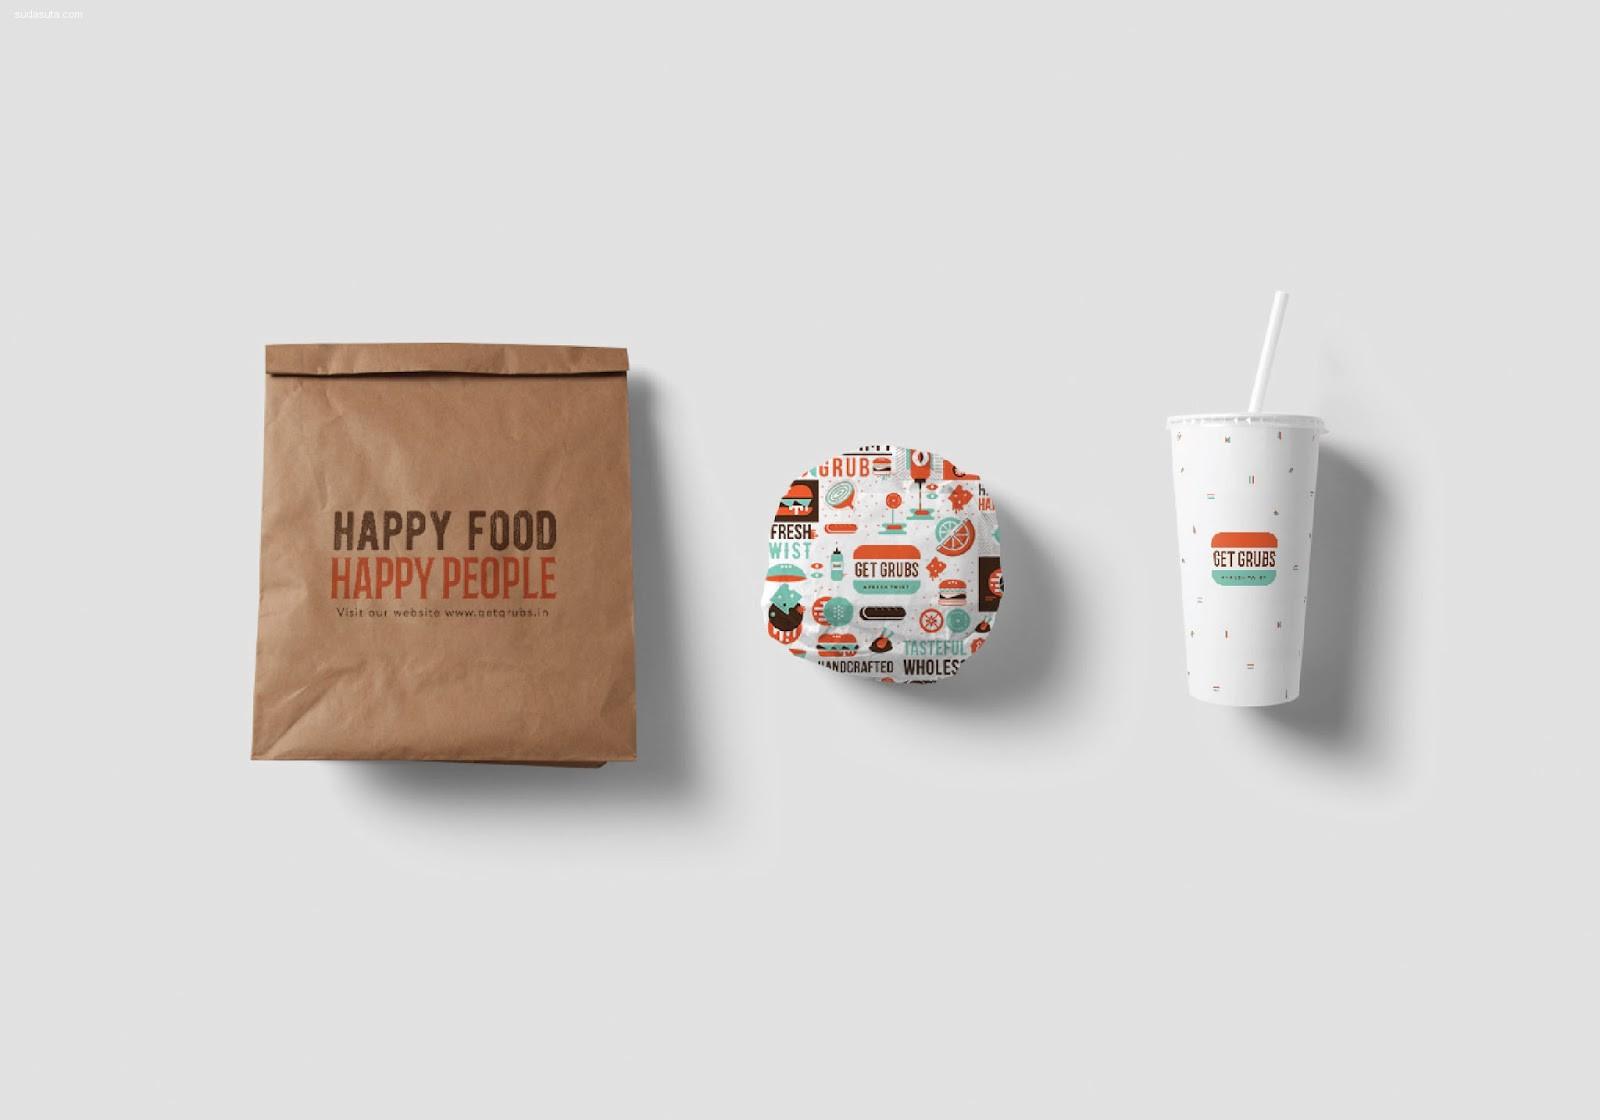 Get Grubs 食品包装设计欣赏